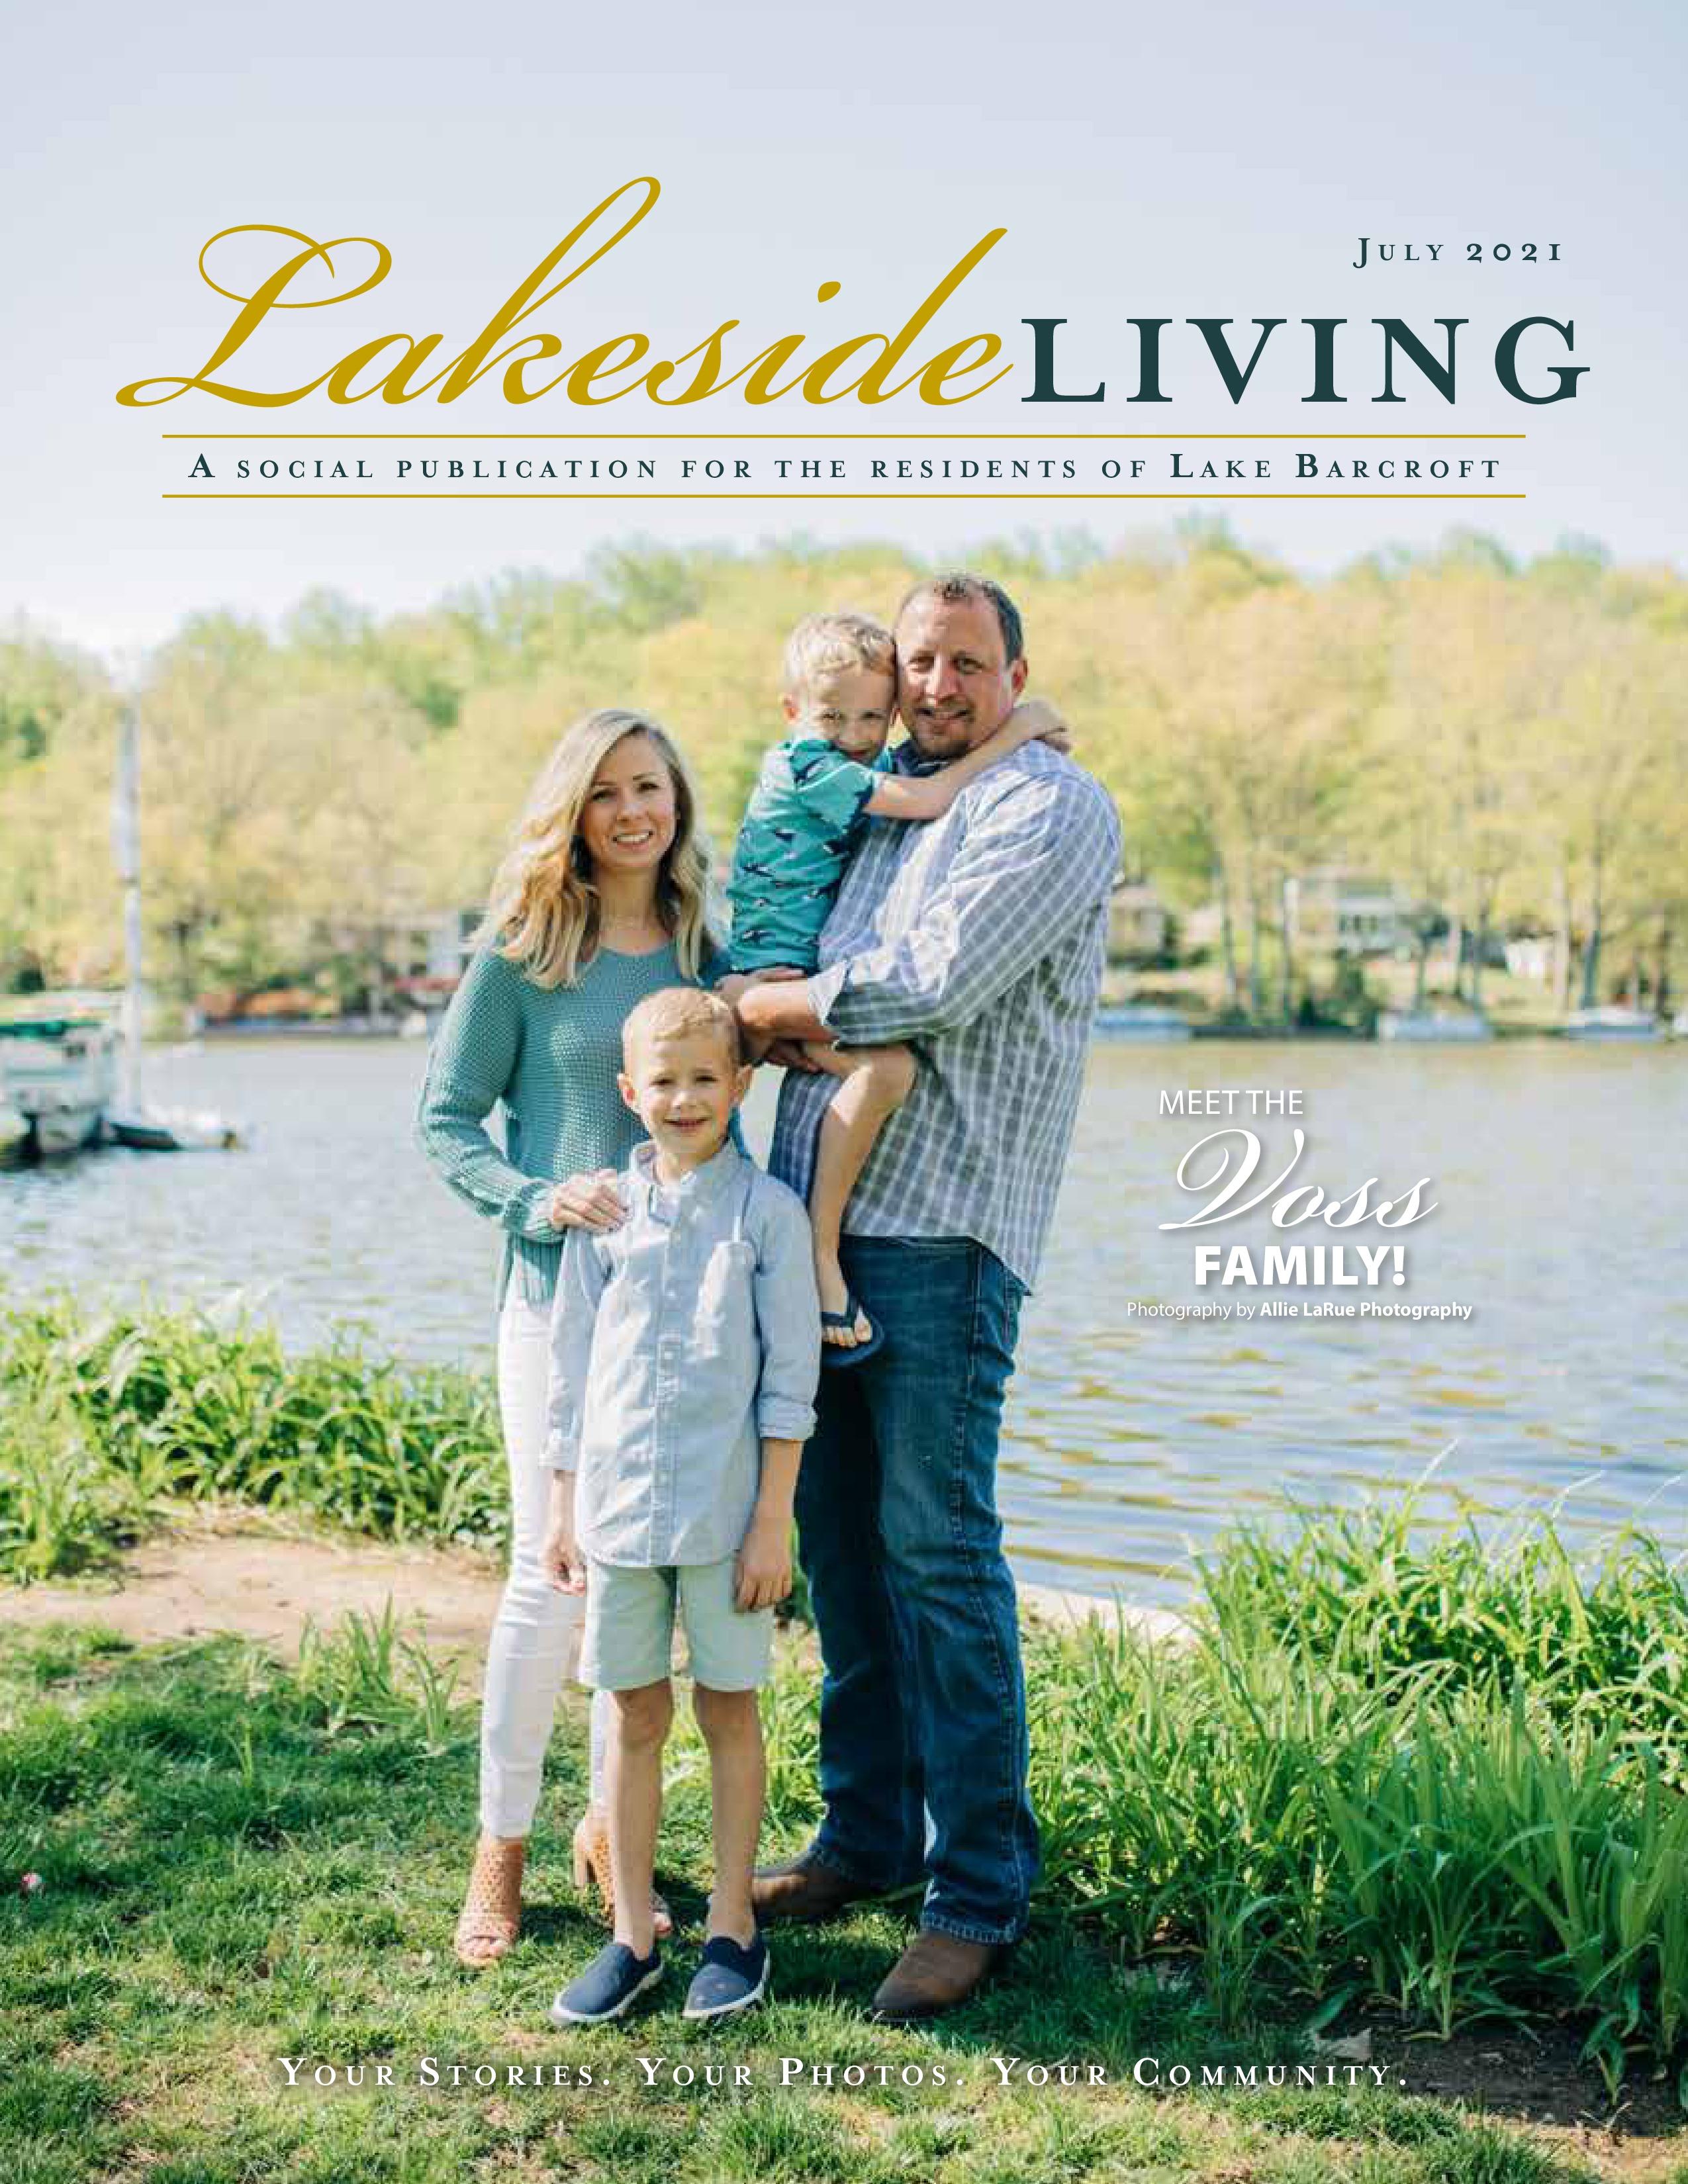 Lakeside Living 2021-07-01